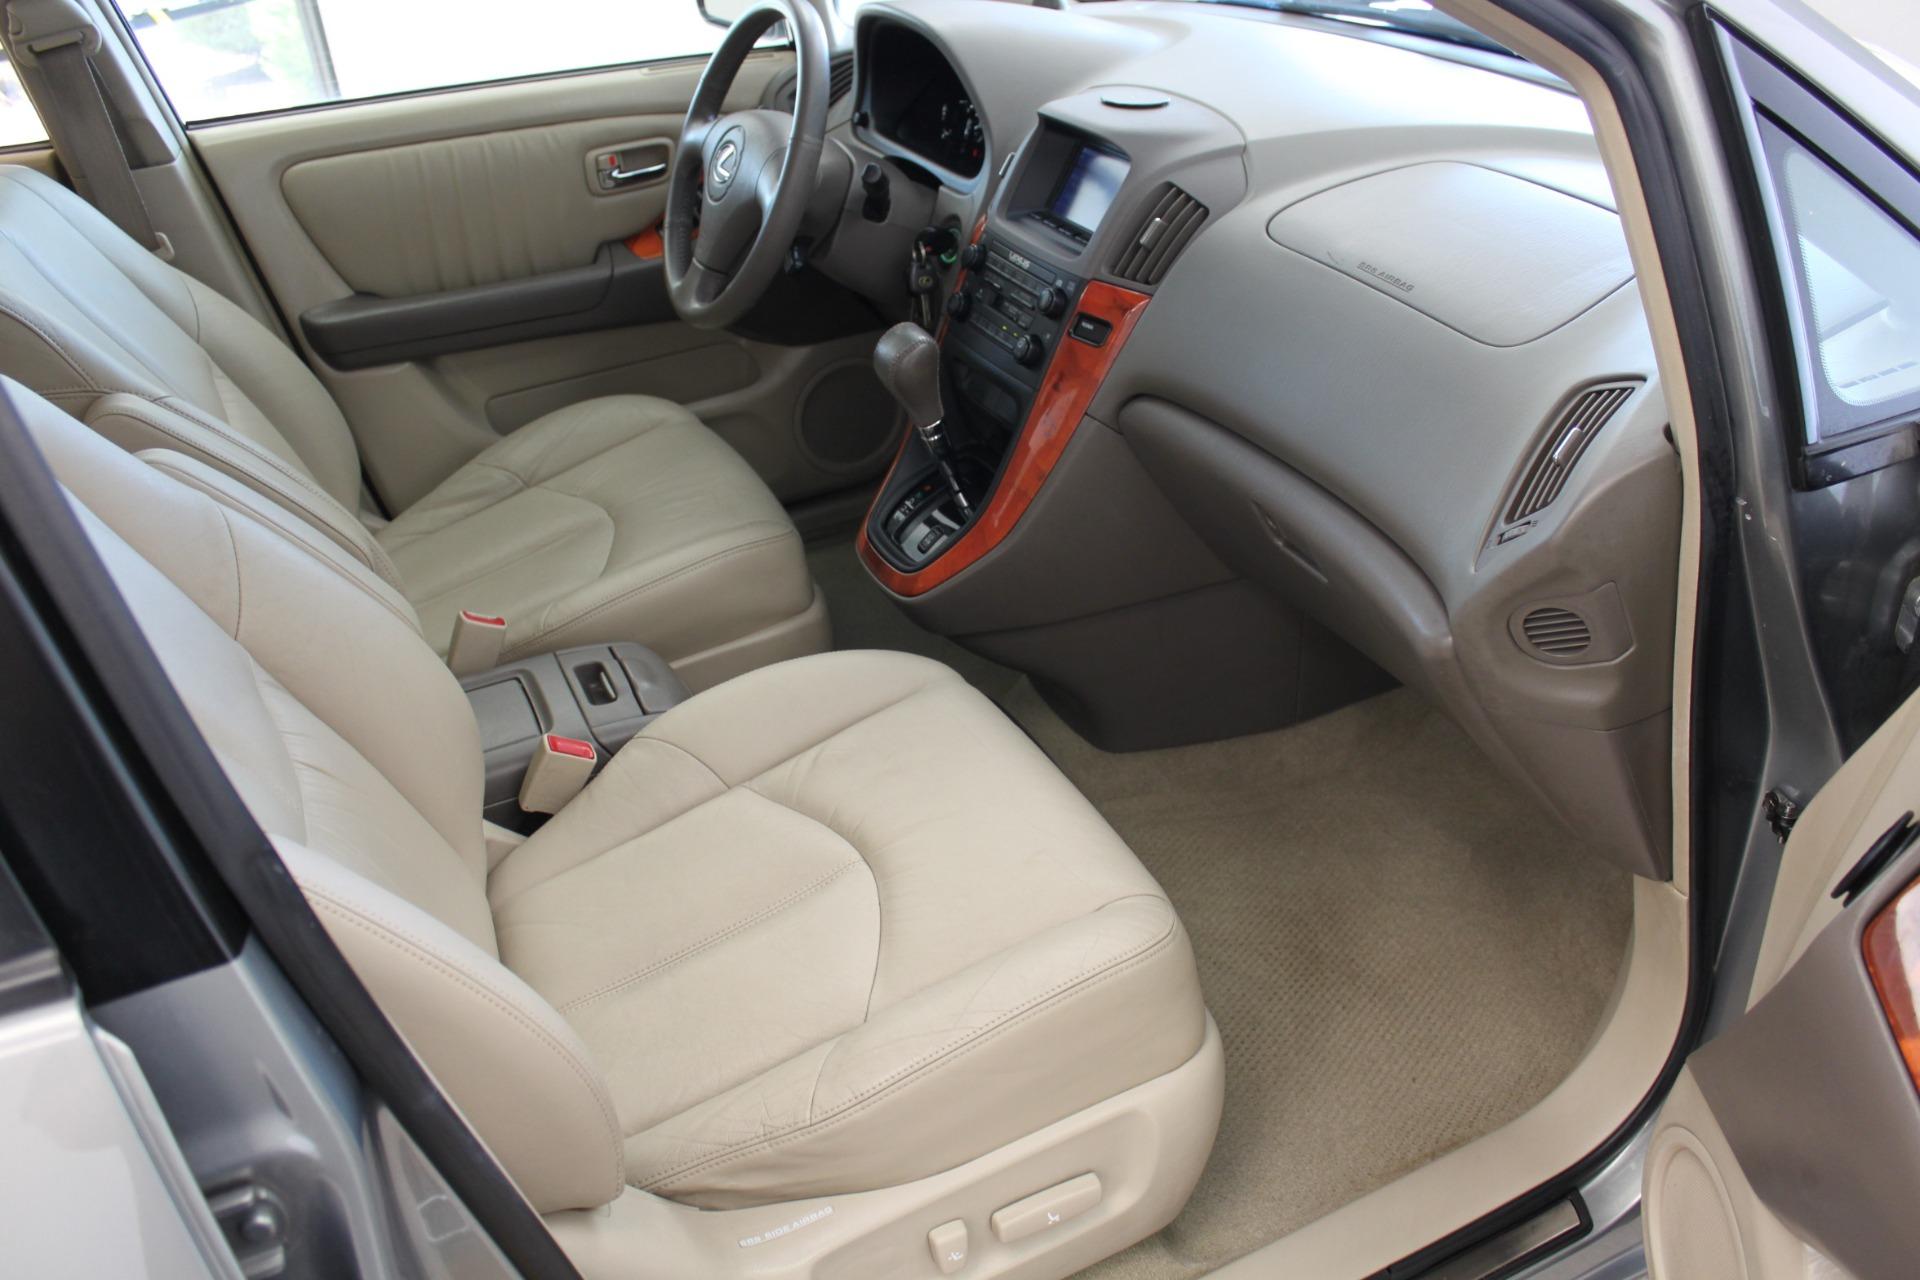 Used-2002-Lexus-RX-300-BMW